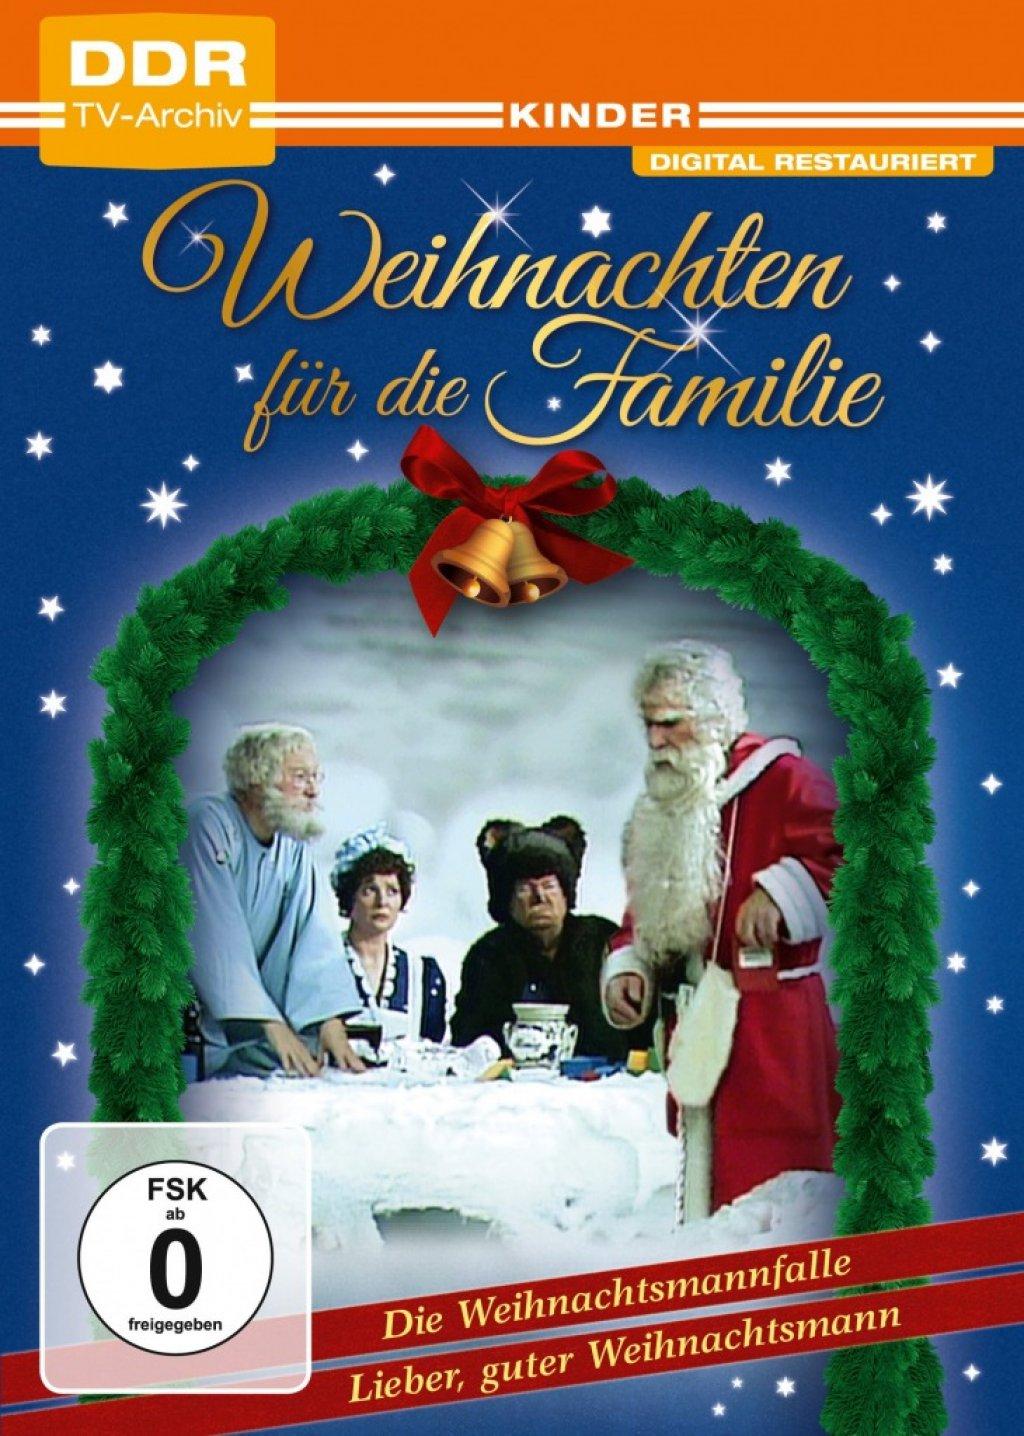 Weihnachten für die Familie: Die Weihnachtsmannfalle + Lieber guter Weihnachtsmann - DDR TV-Archiv (DVD)